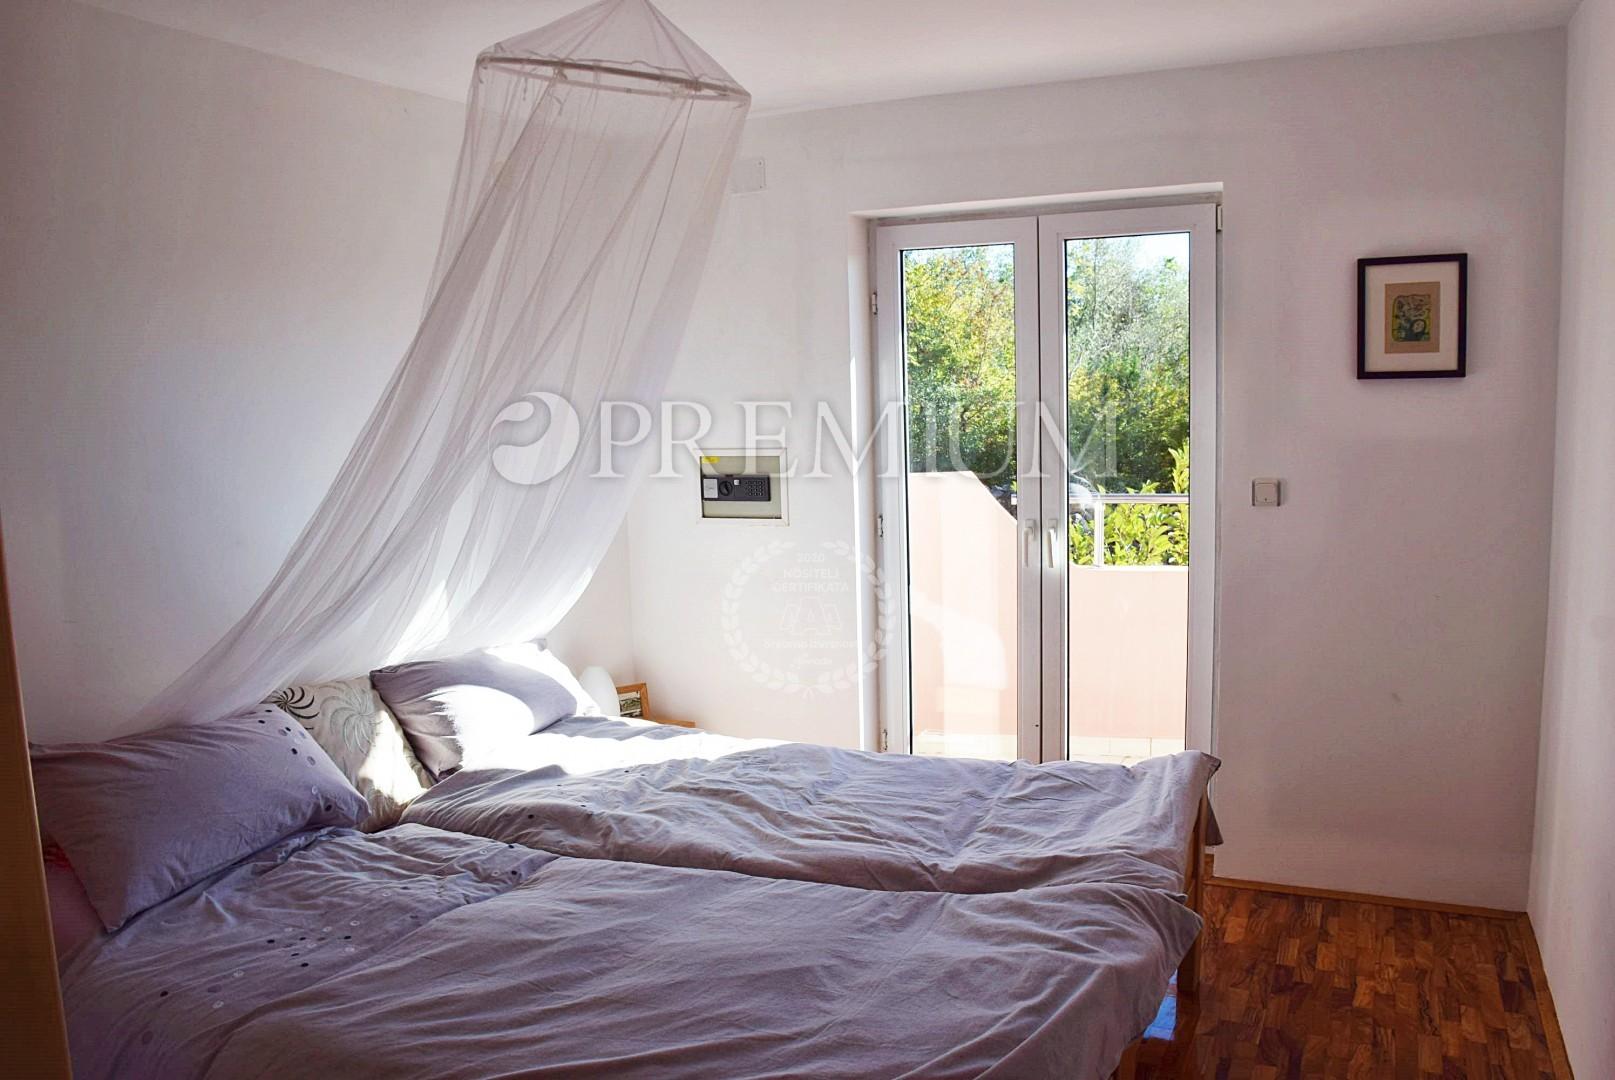 Malinska, prodaja opremljenega apartmaja s prekrasnim pogledom na morje!